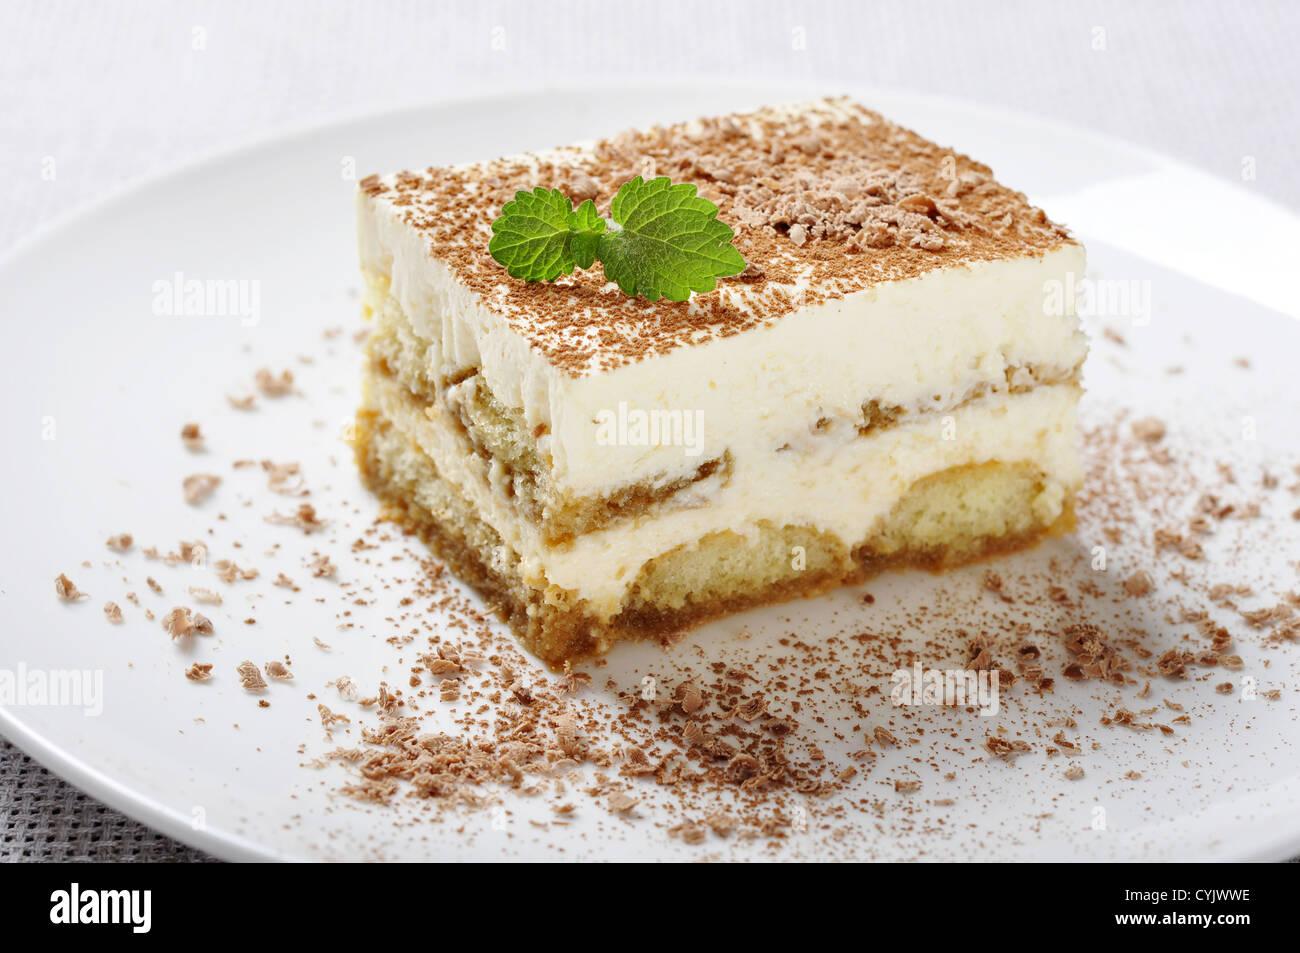 Il tiramisù - Classico dolce con il caffè sulla piastra bianca. Guarnite con foglie di menta. Immagini Stock